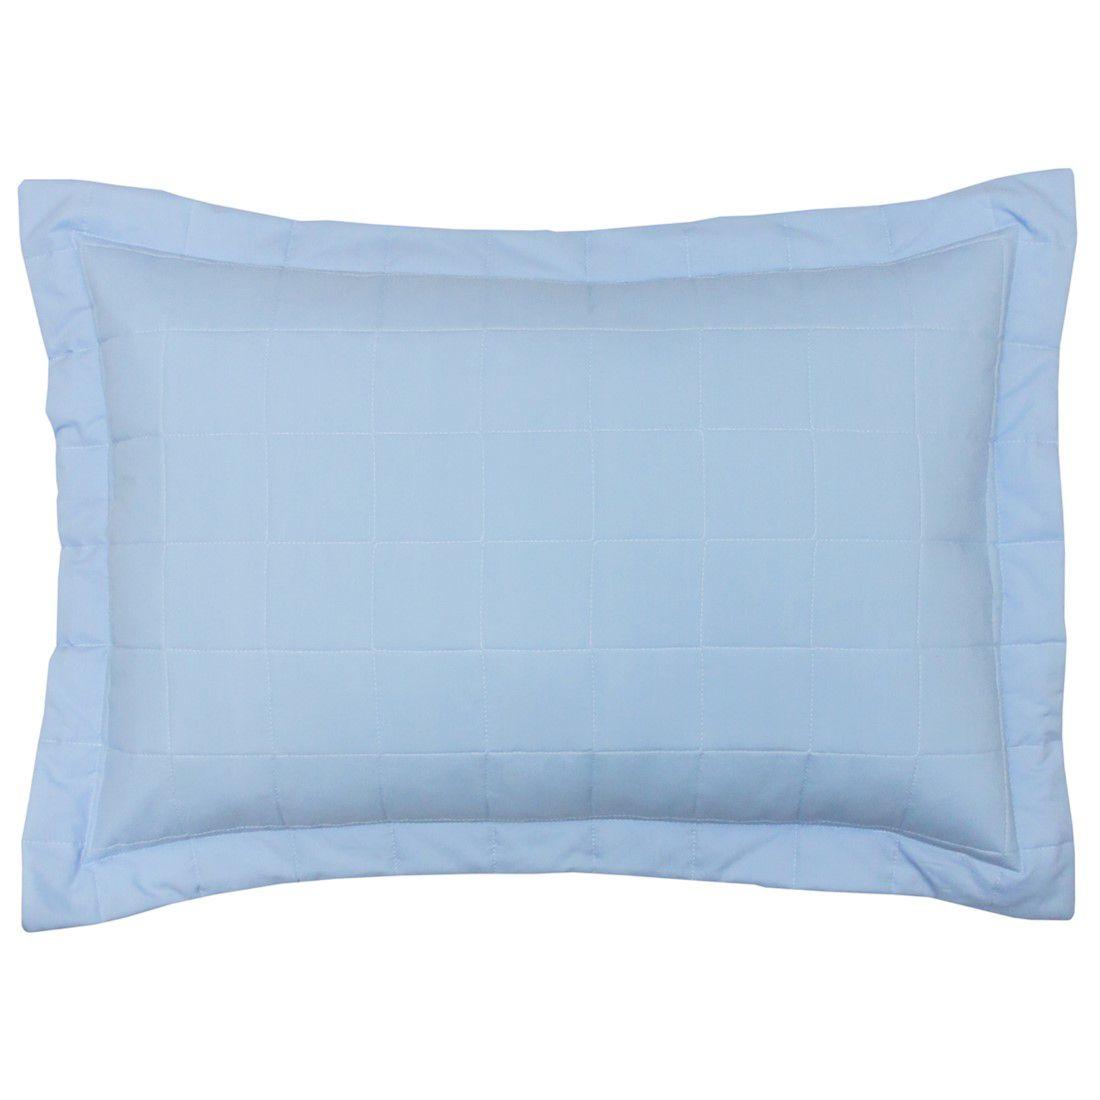 Porta travesseiro percal 200 fios cubos azul claro